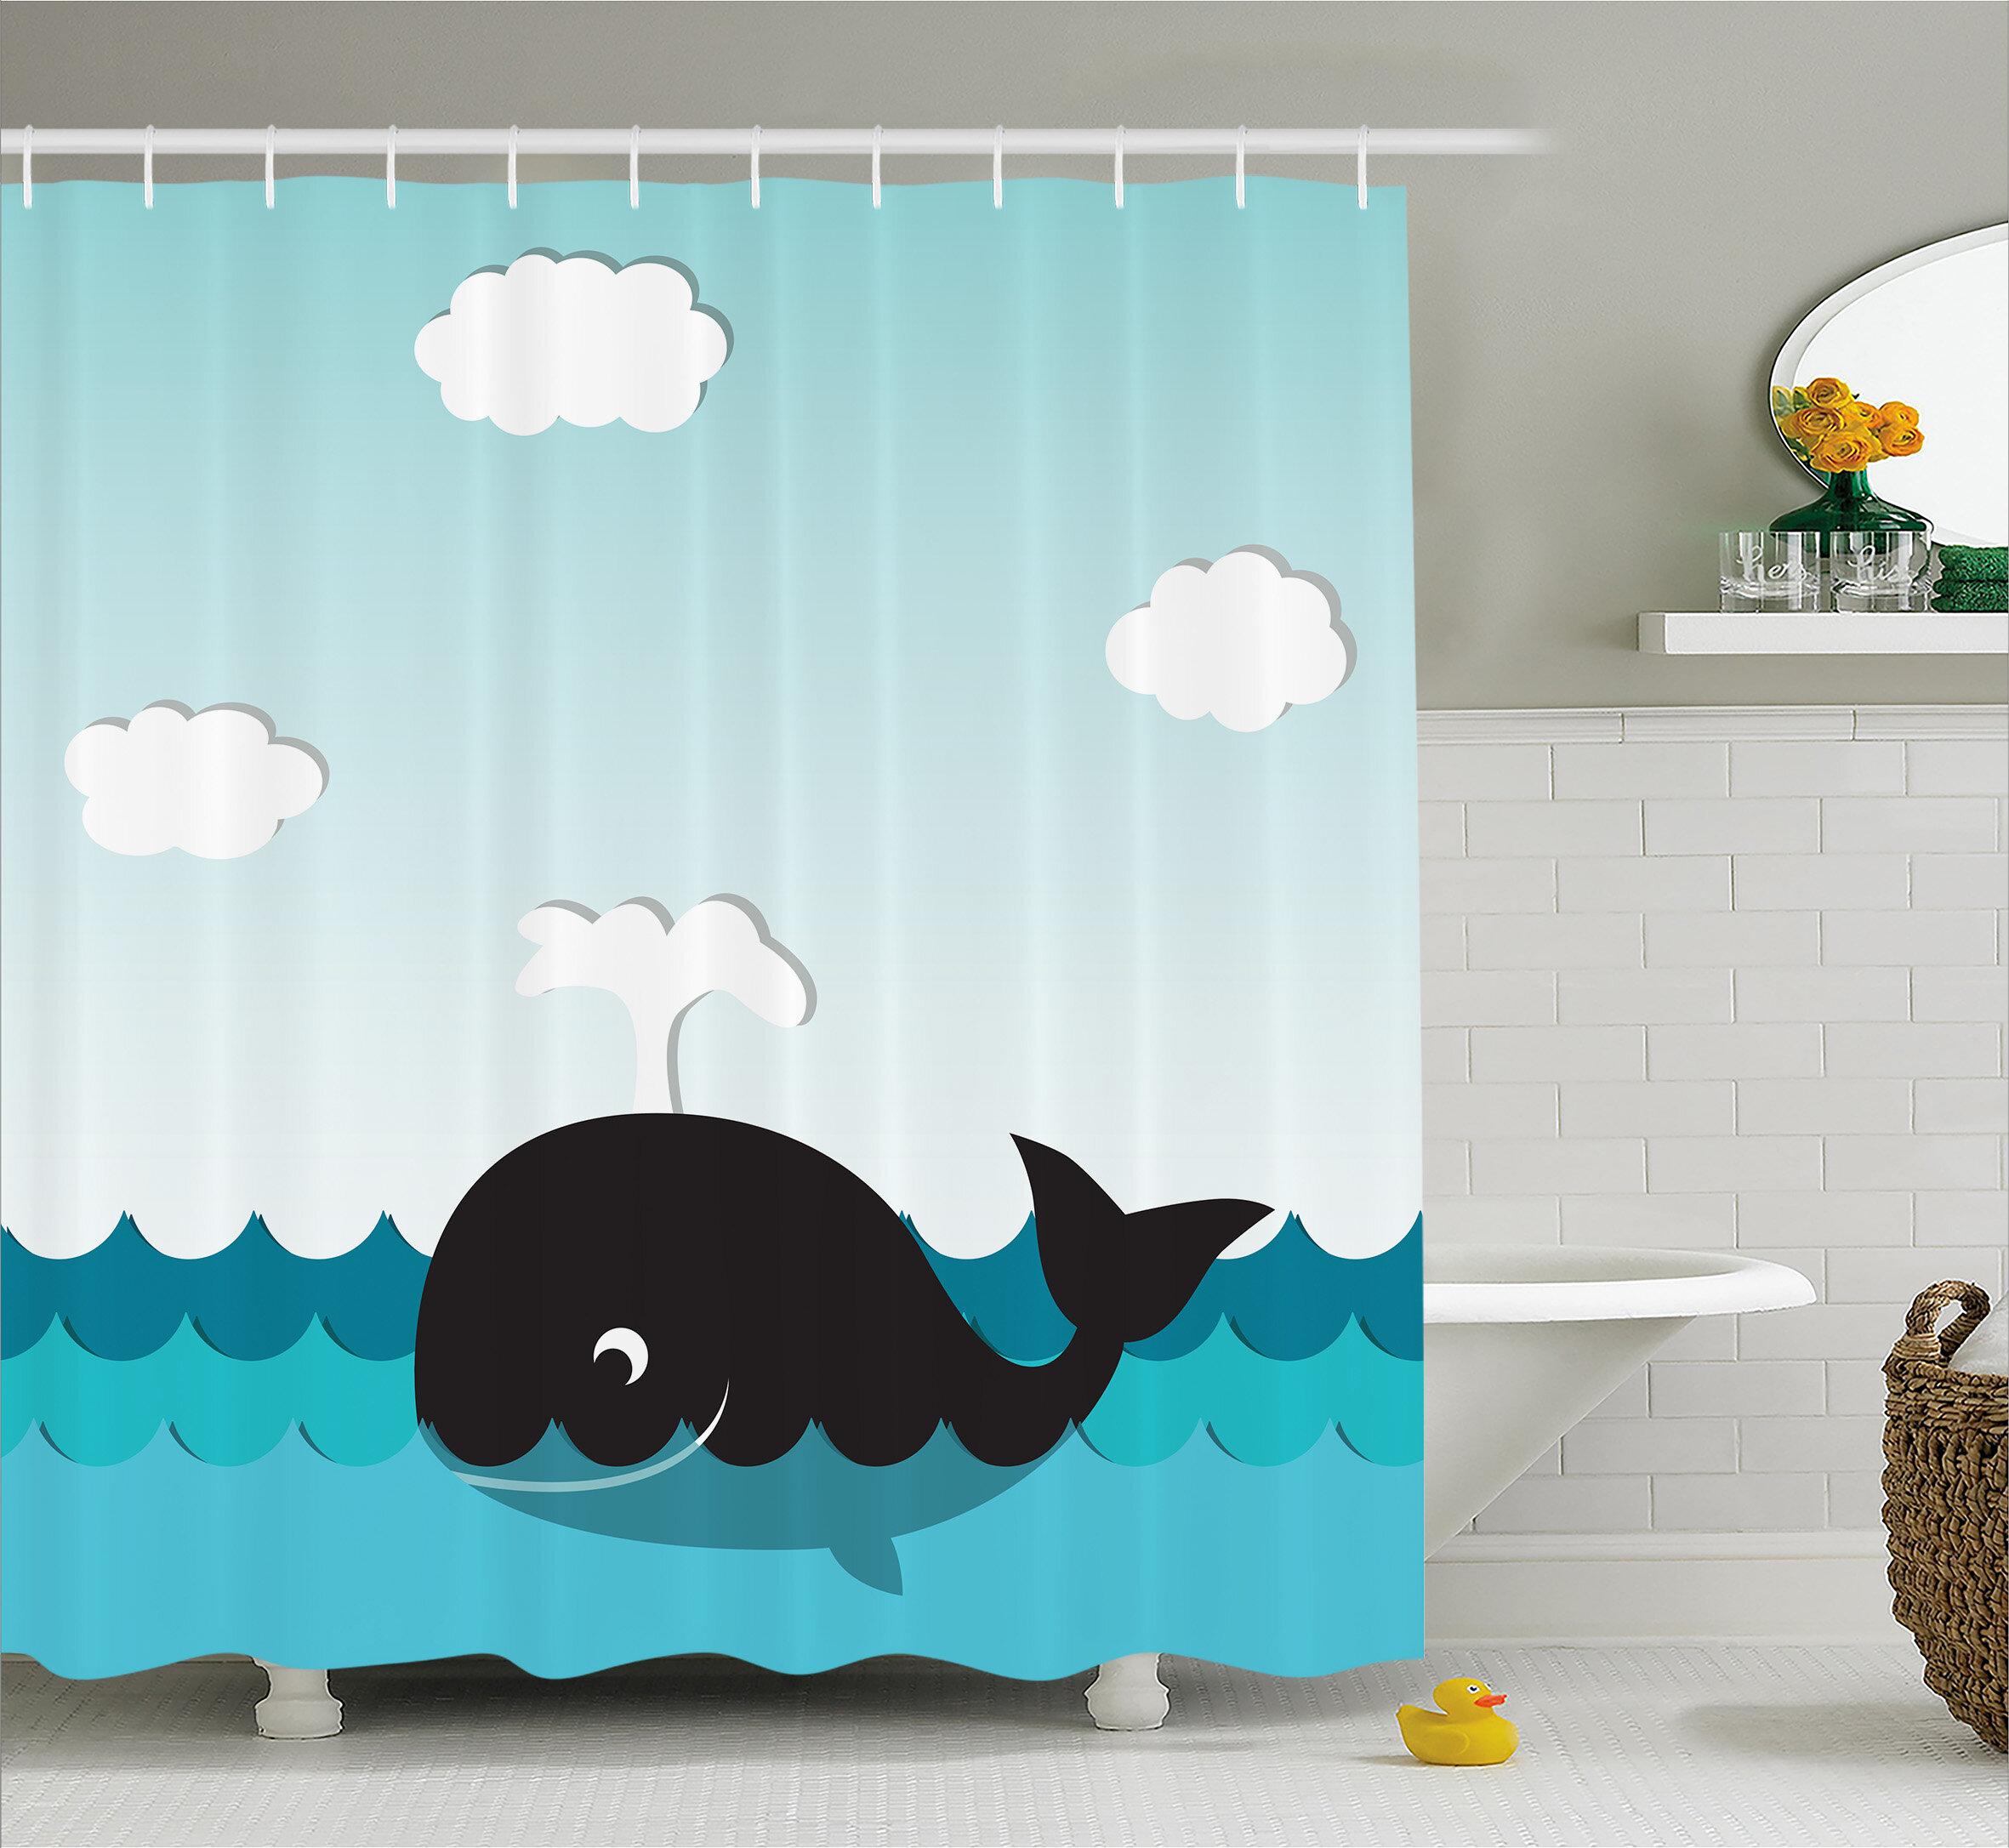 Lottie Whale In Wavy Ocean Shower Curtain Hooks